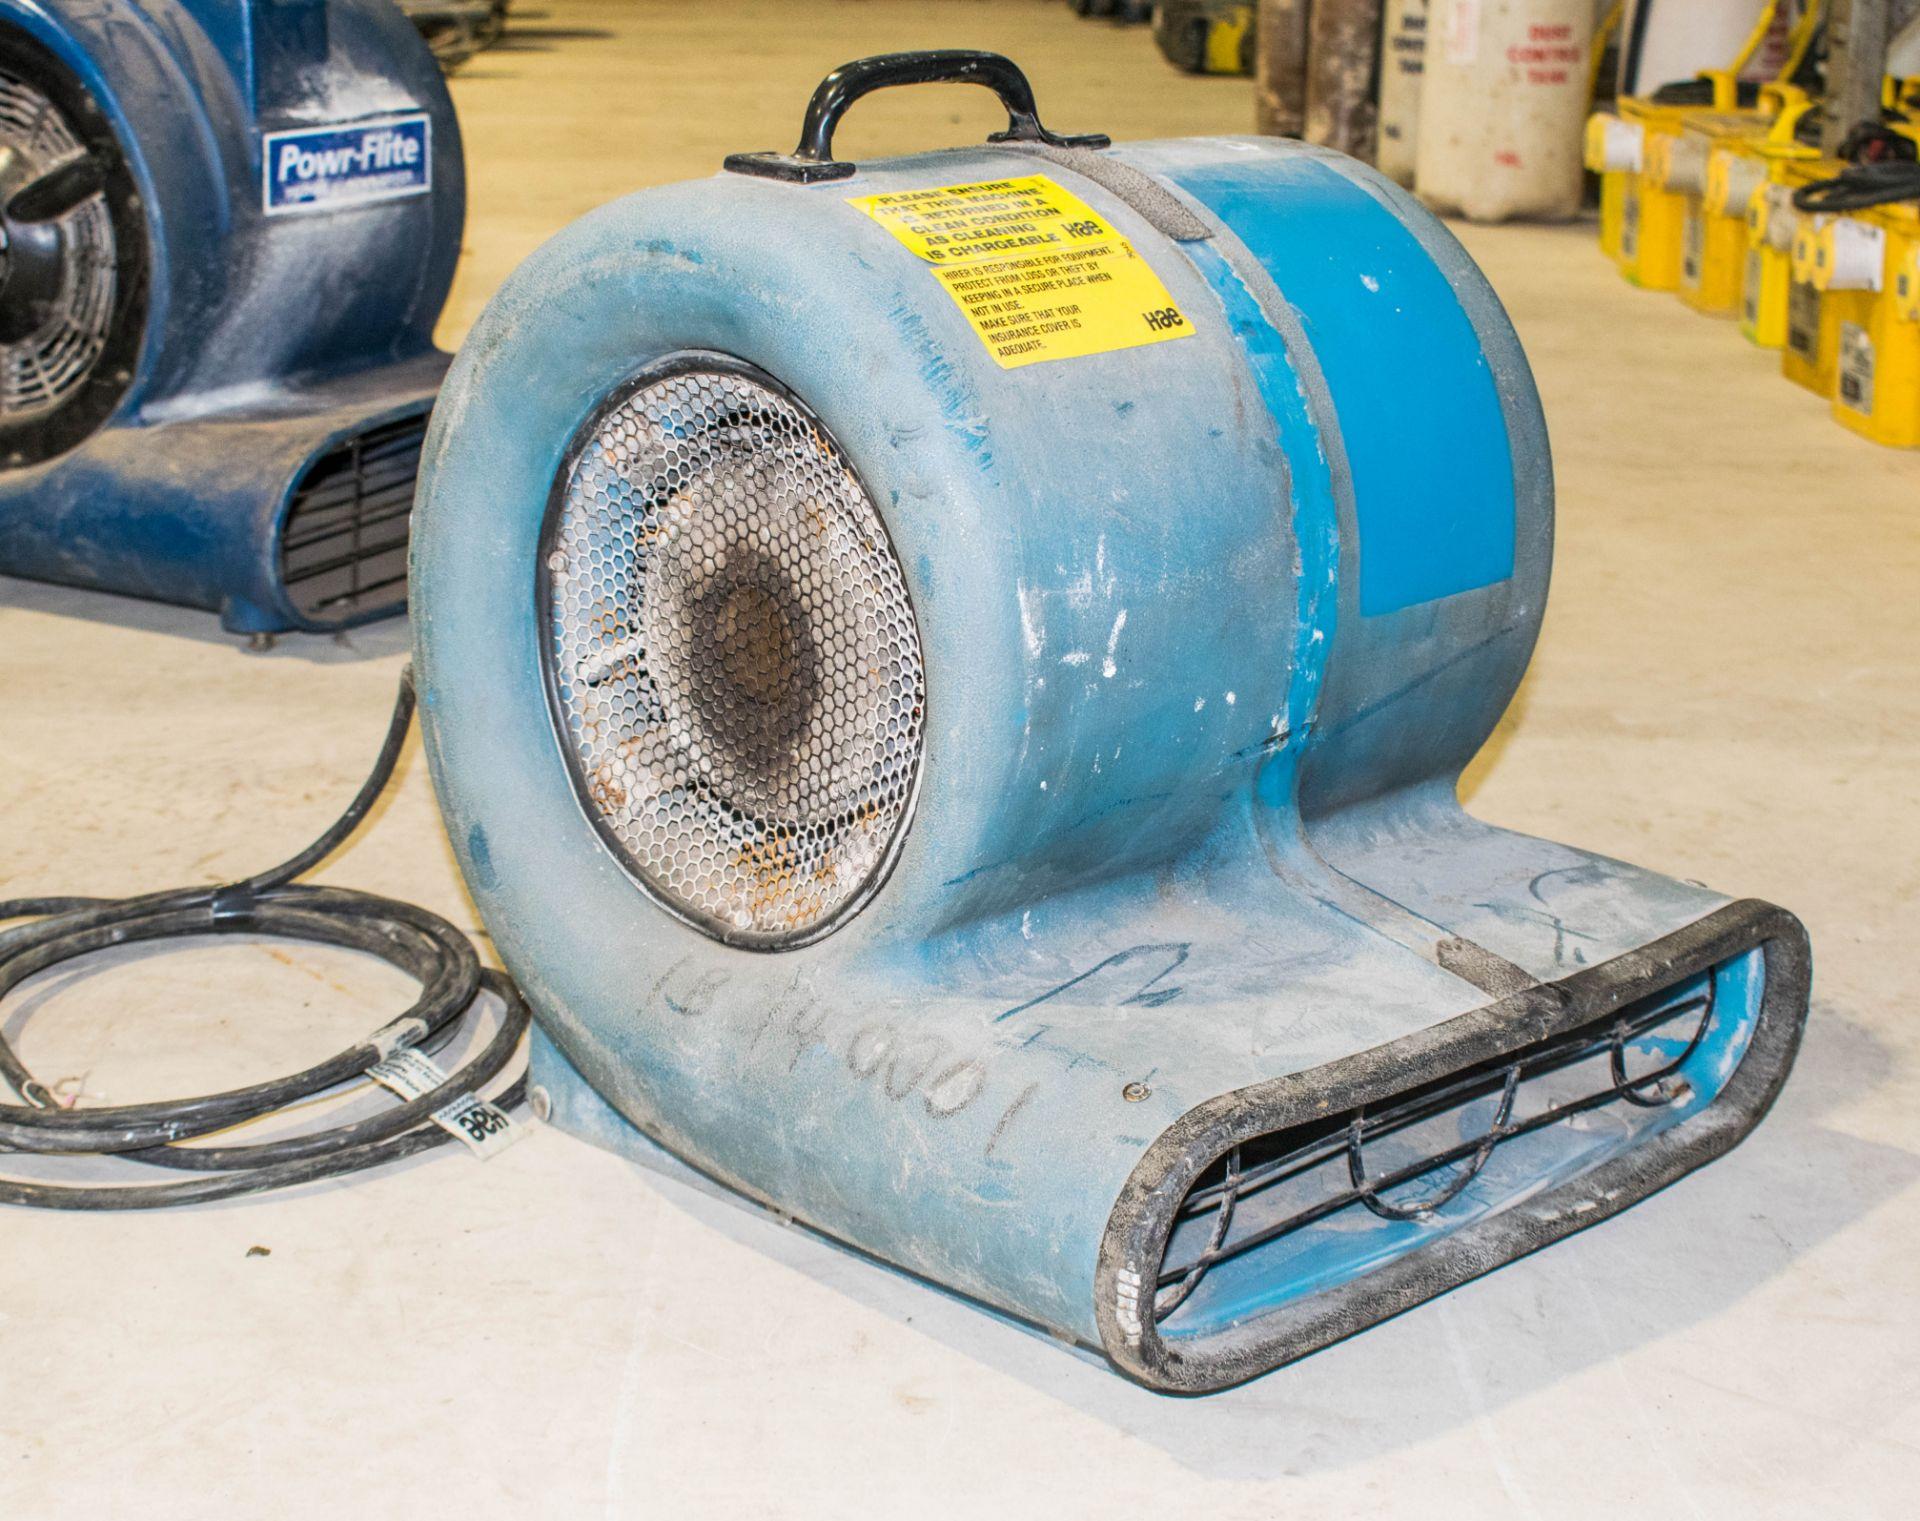 Lot 1013 - 110v carpet dryer